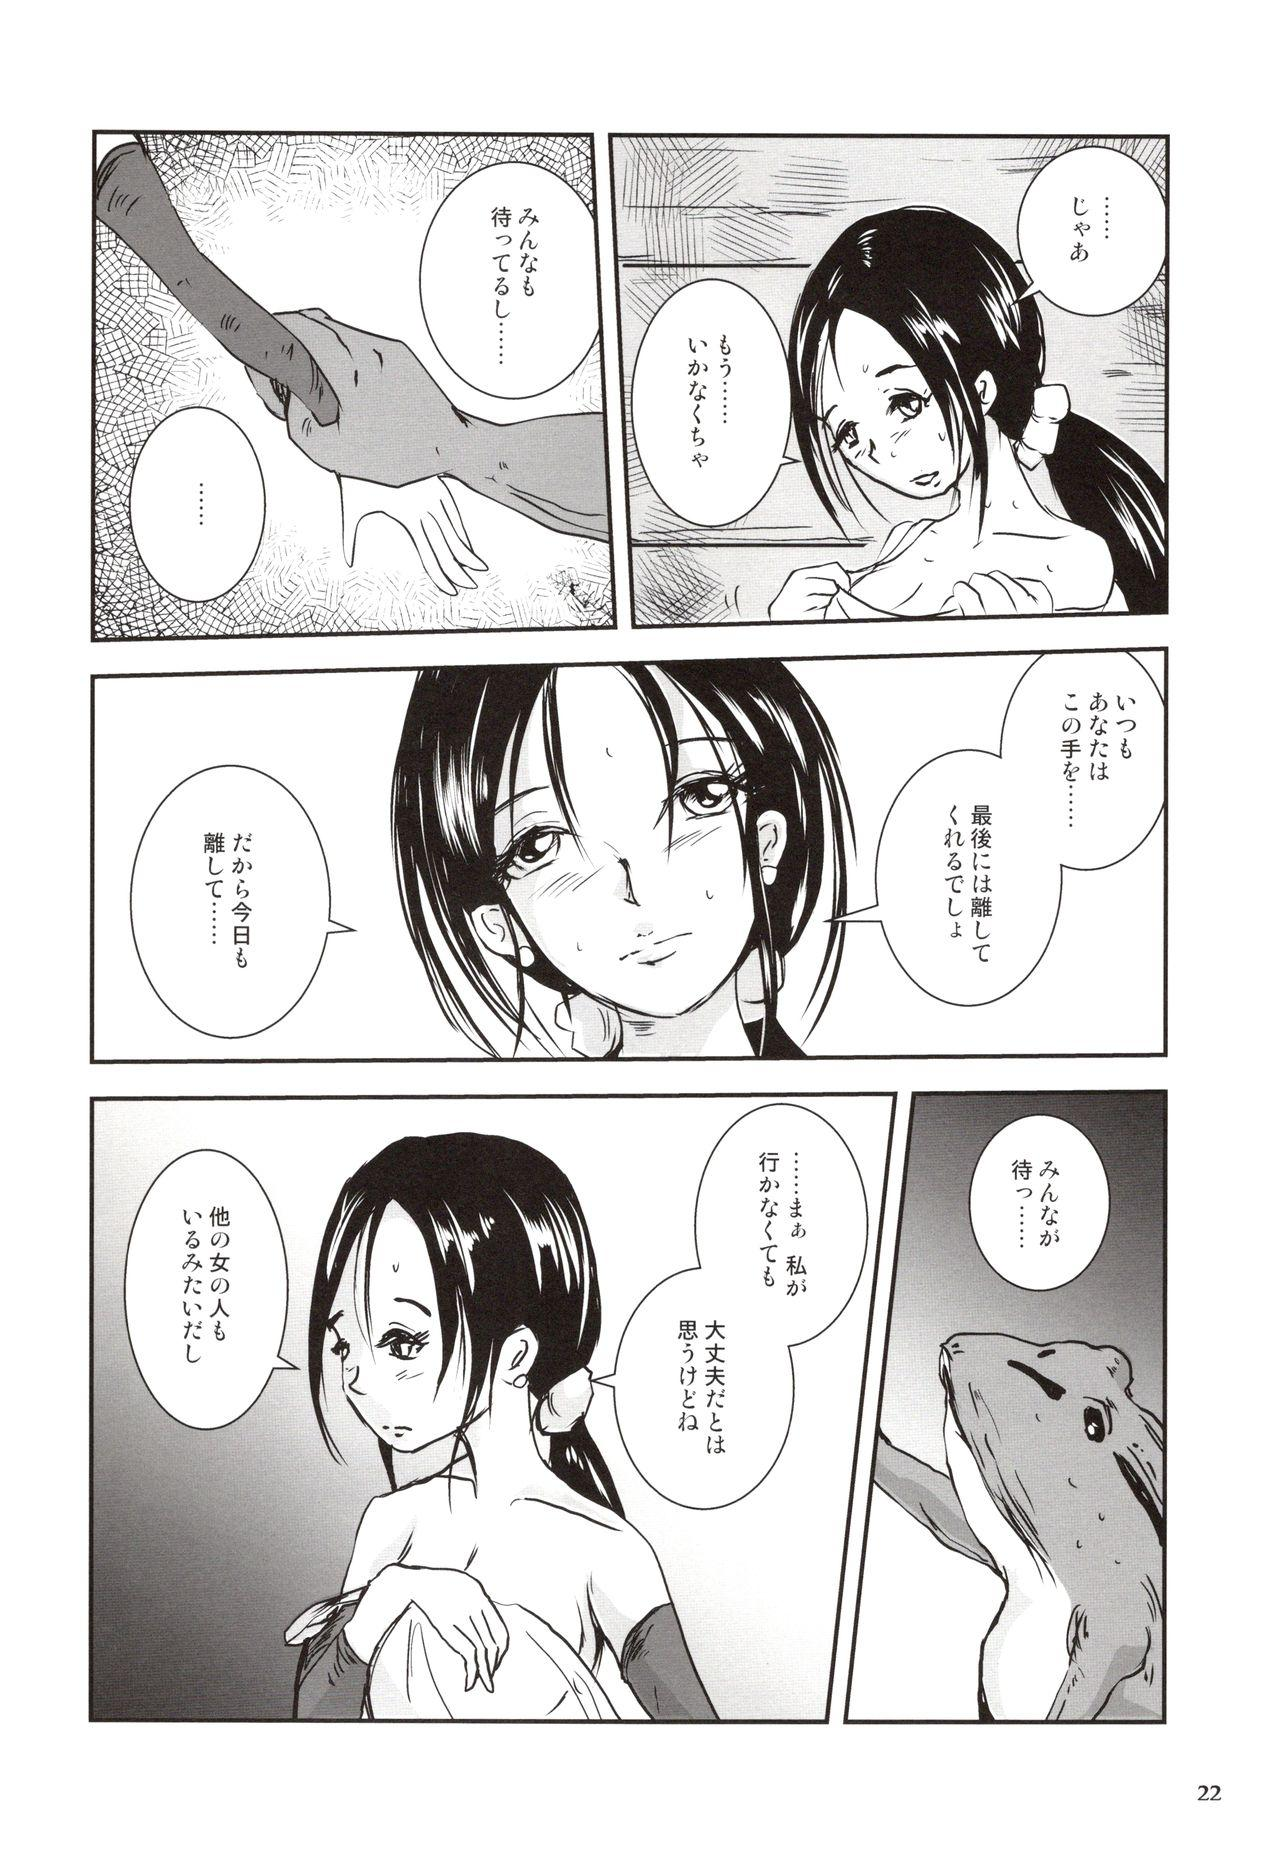 Kinshin Kaerukan - Mama o Aishi Sugita Kogaeru no Monogatari 20